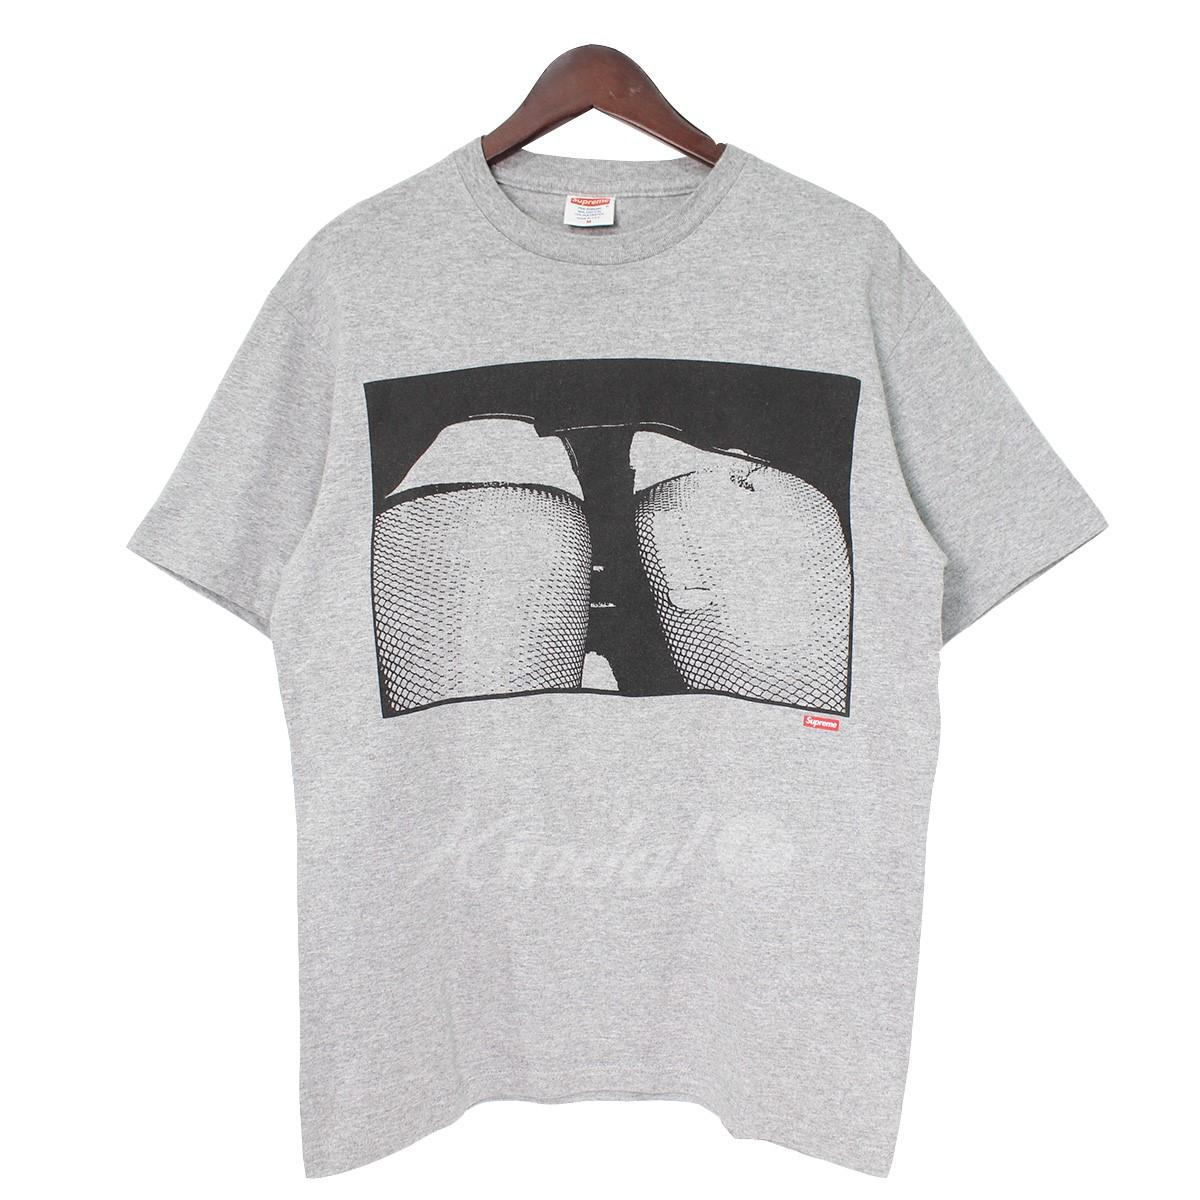 【中古】SUPREME 09AW Up Skirt Tee アップスカート スモールボックスロゴTシャツ 【送料無料】 【009248】 【KIND1641】